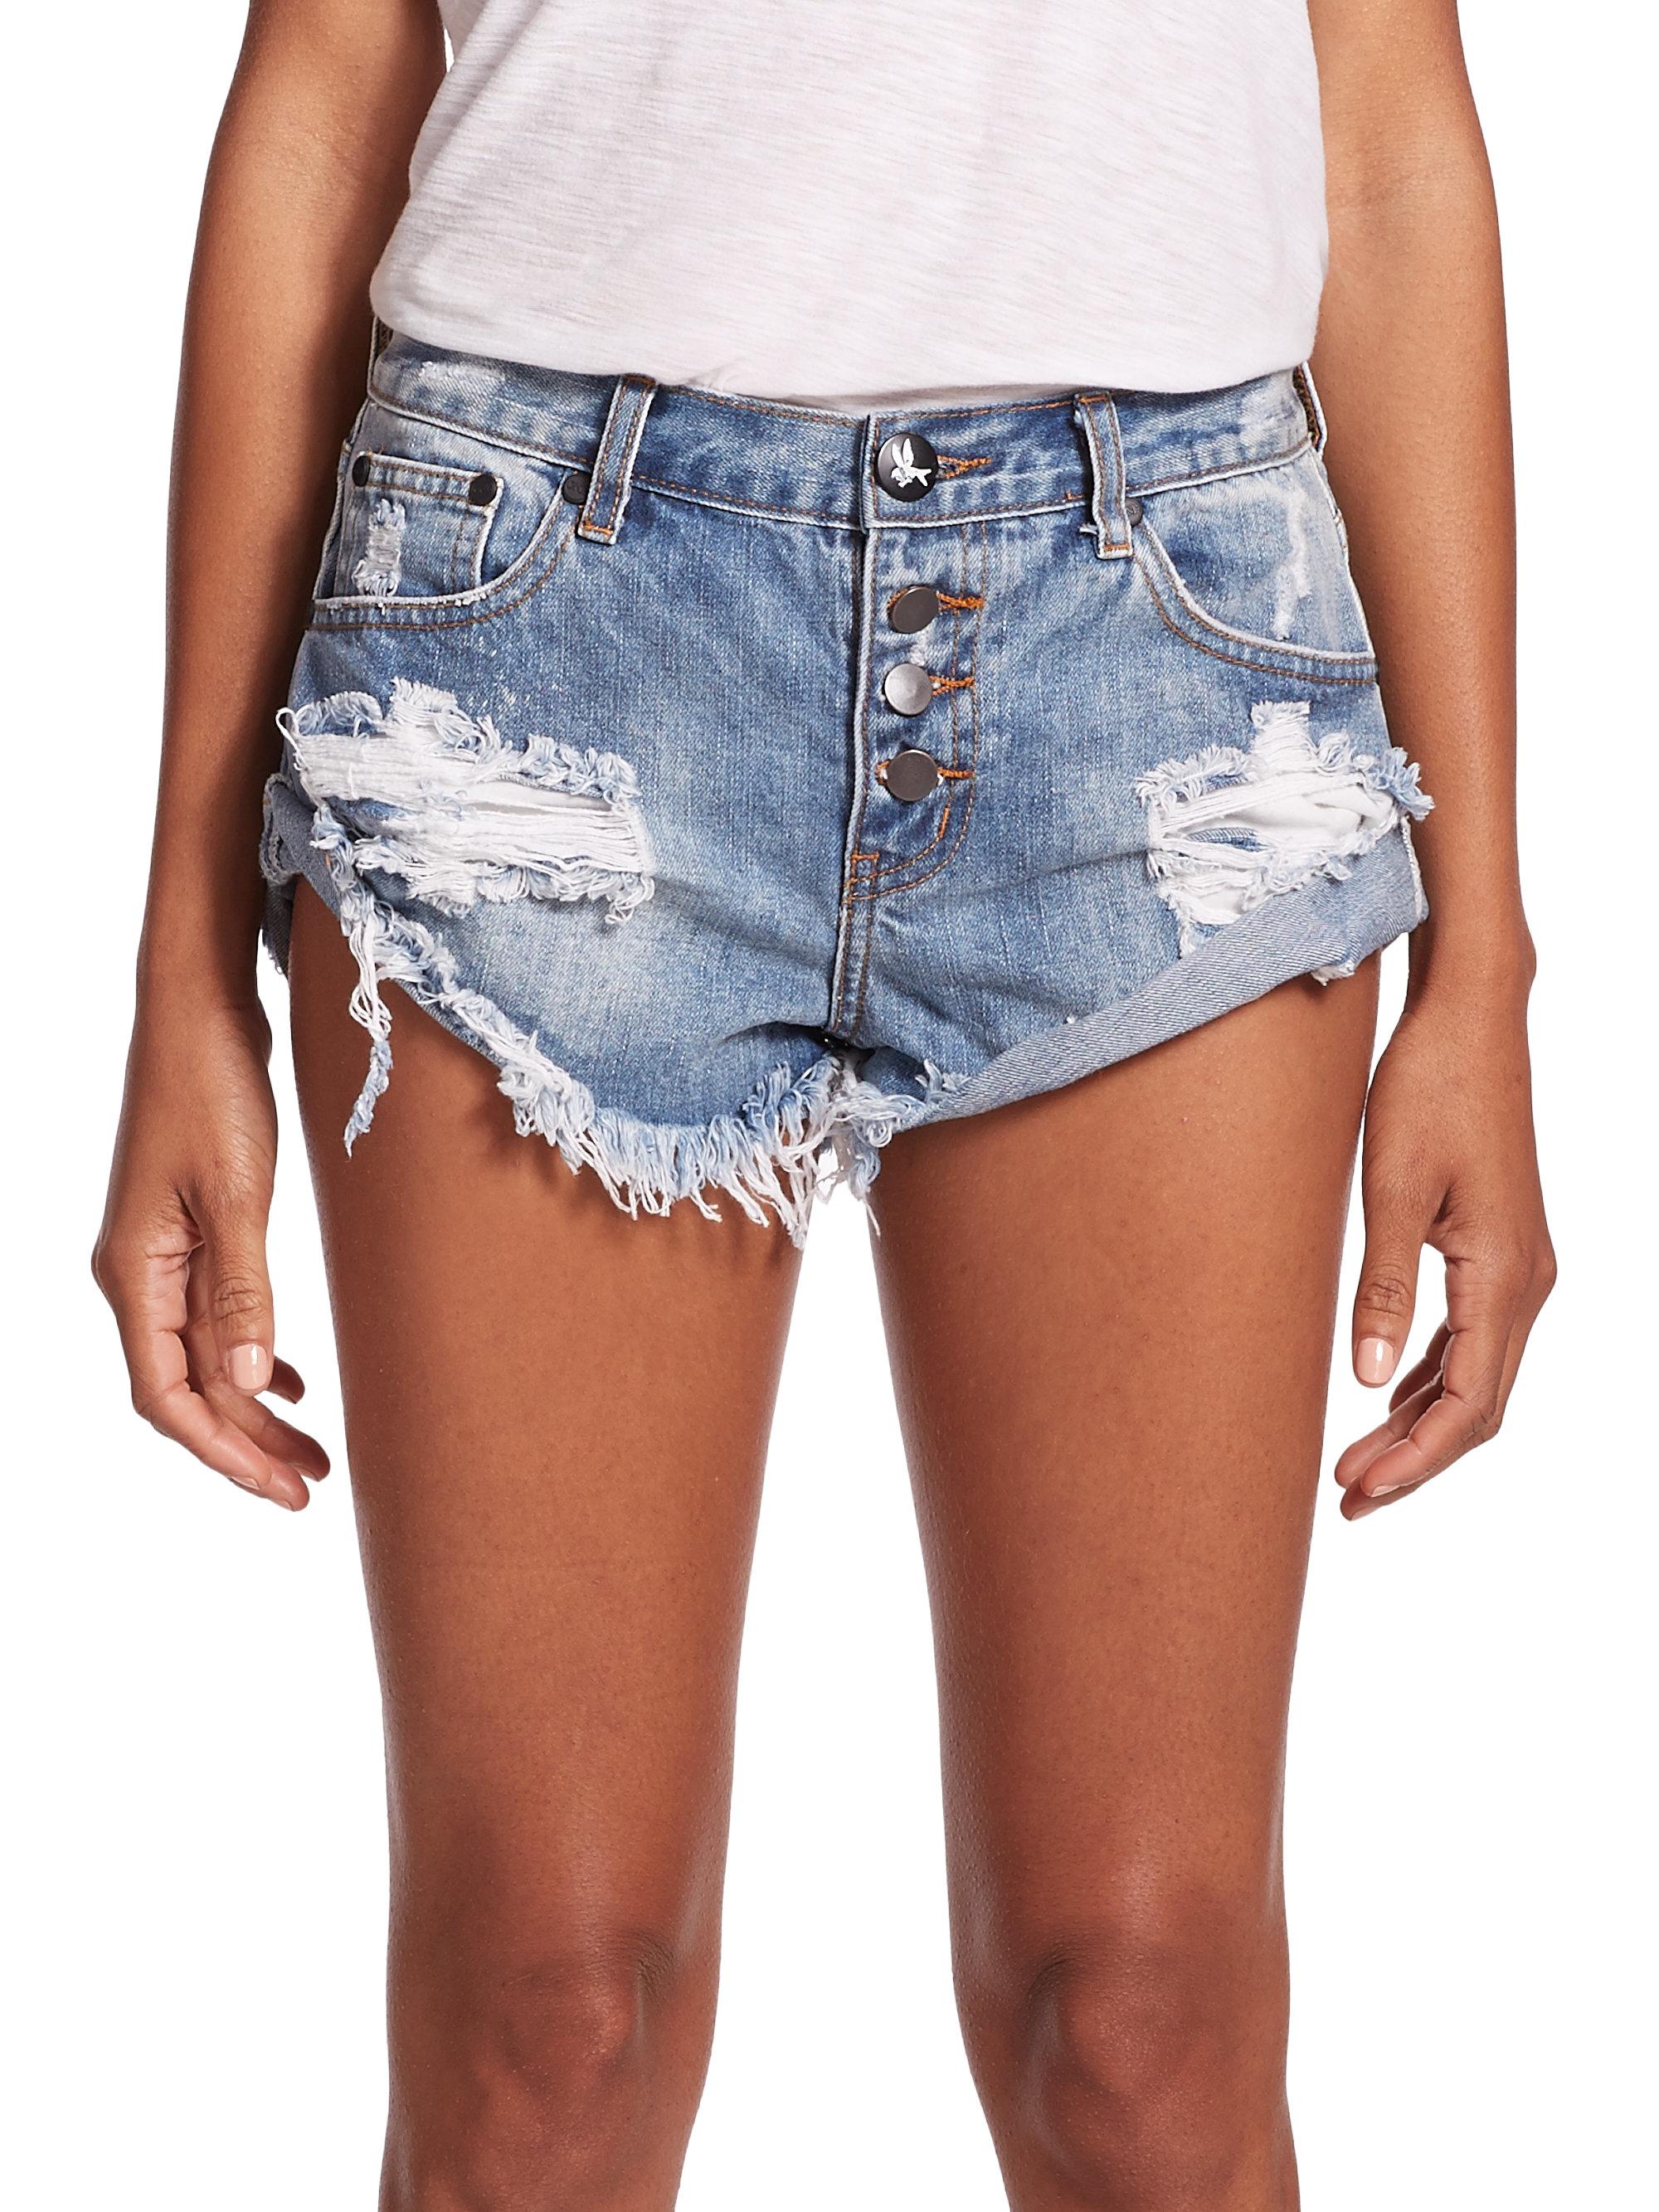 929406f6273a Lyst - One Teaspoon Bandits Distressed Cut-off Denim Shorts in Blue